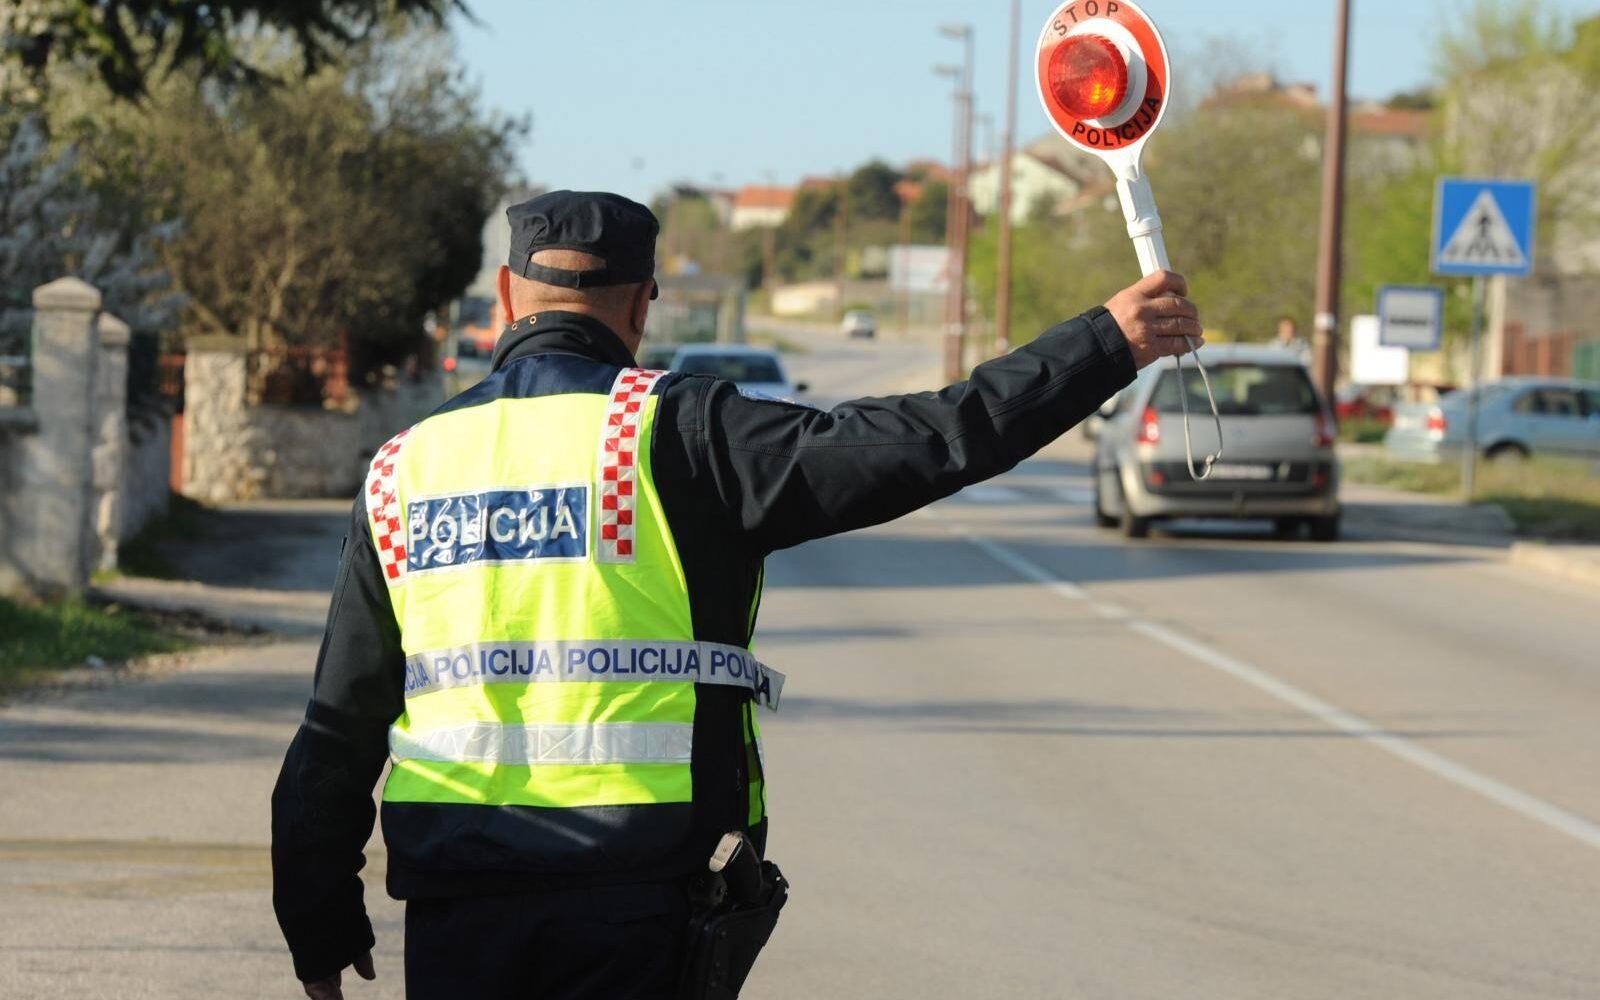 Policija će za vikend kontrolirati promet na više od 60 lokacija - pogledajte gdje točno!